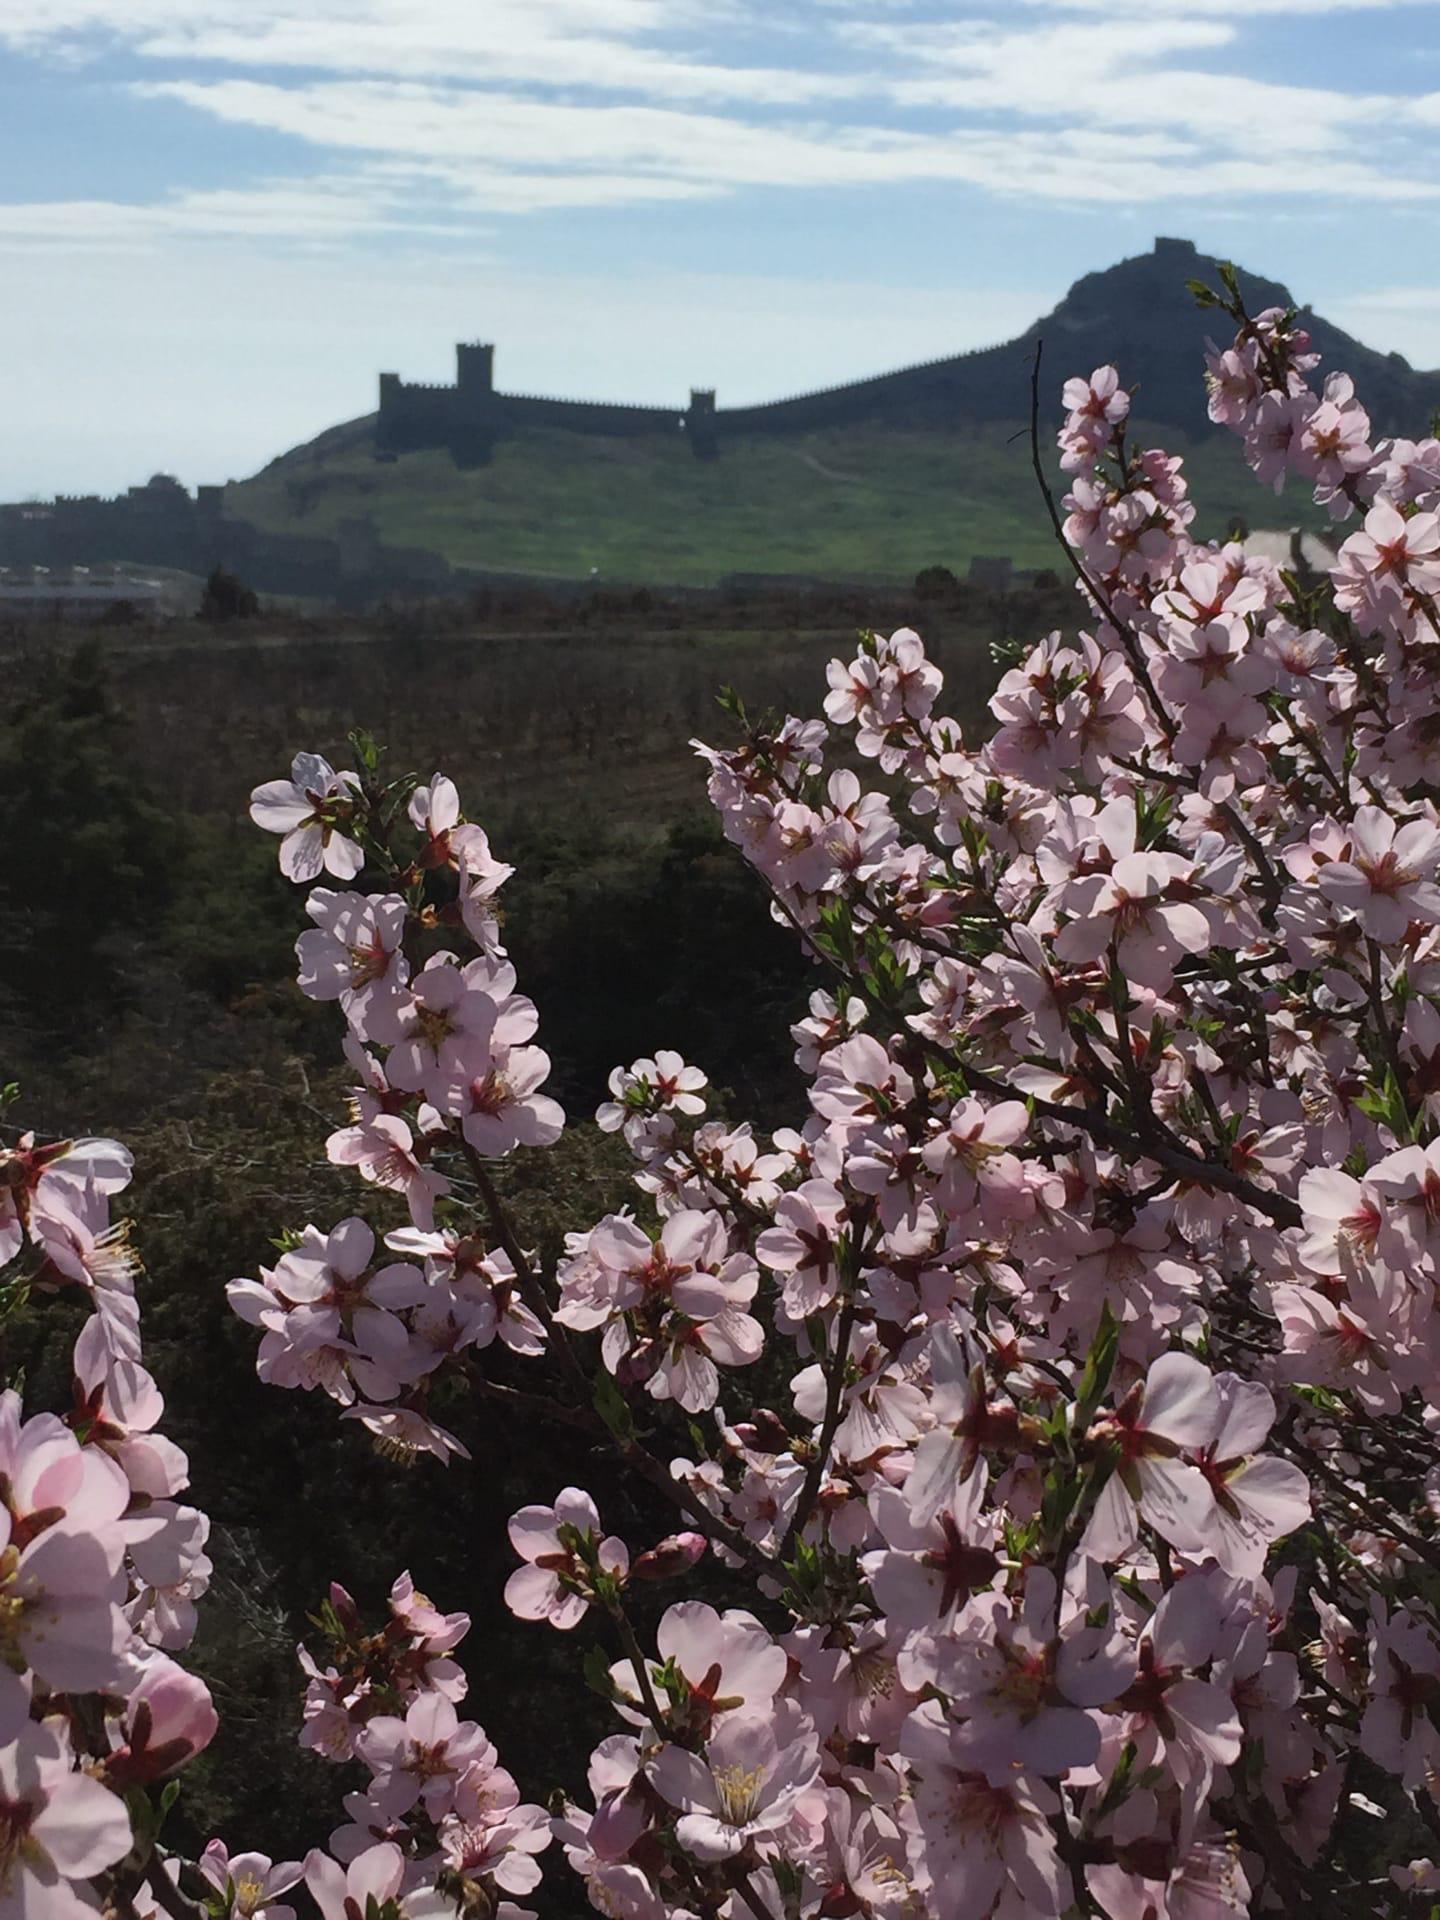 ваза зимой в крыму цветет миндаль фото таких примеров